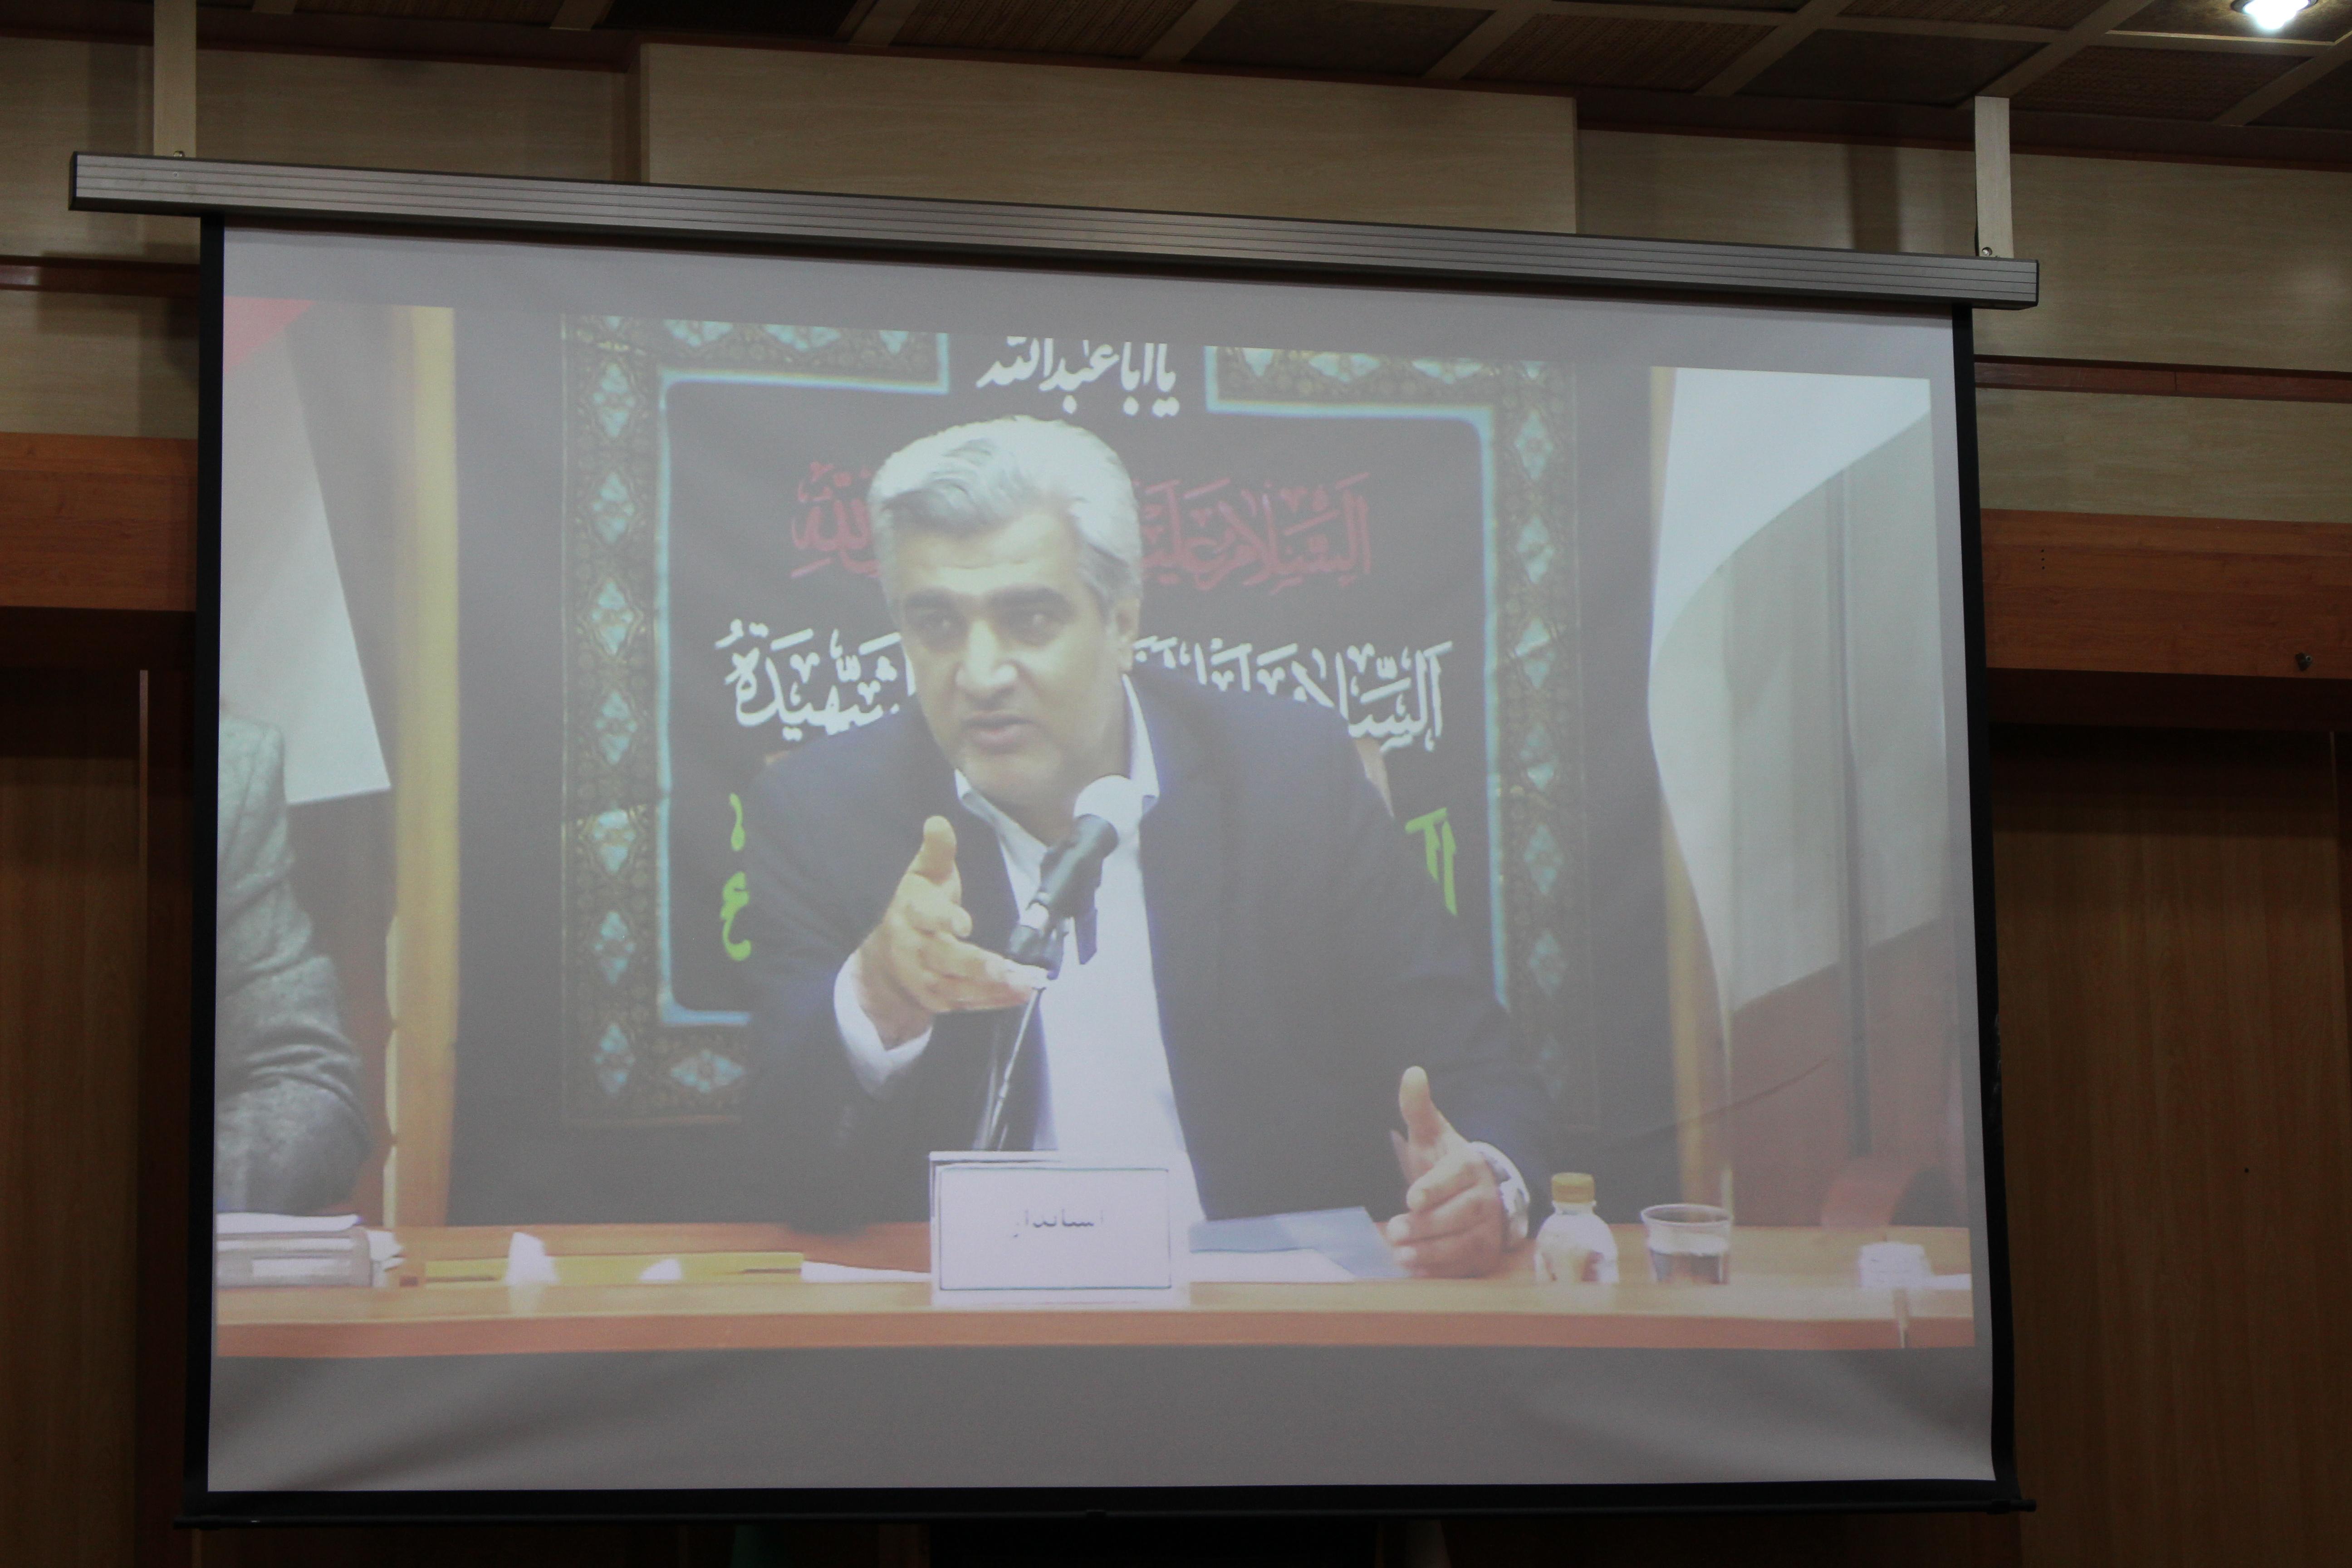 نشست استاندار با خبرنگار